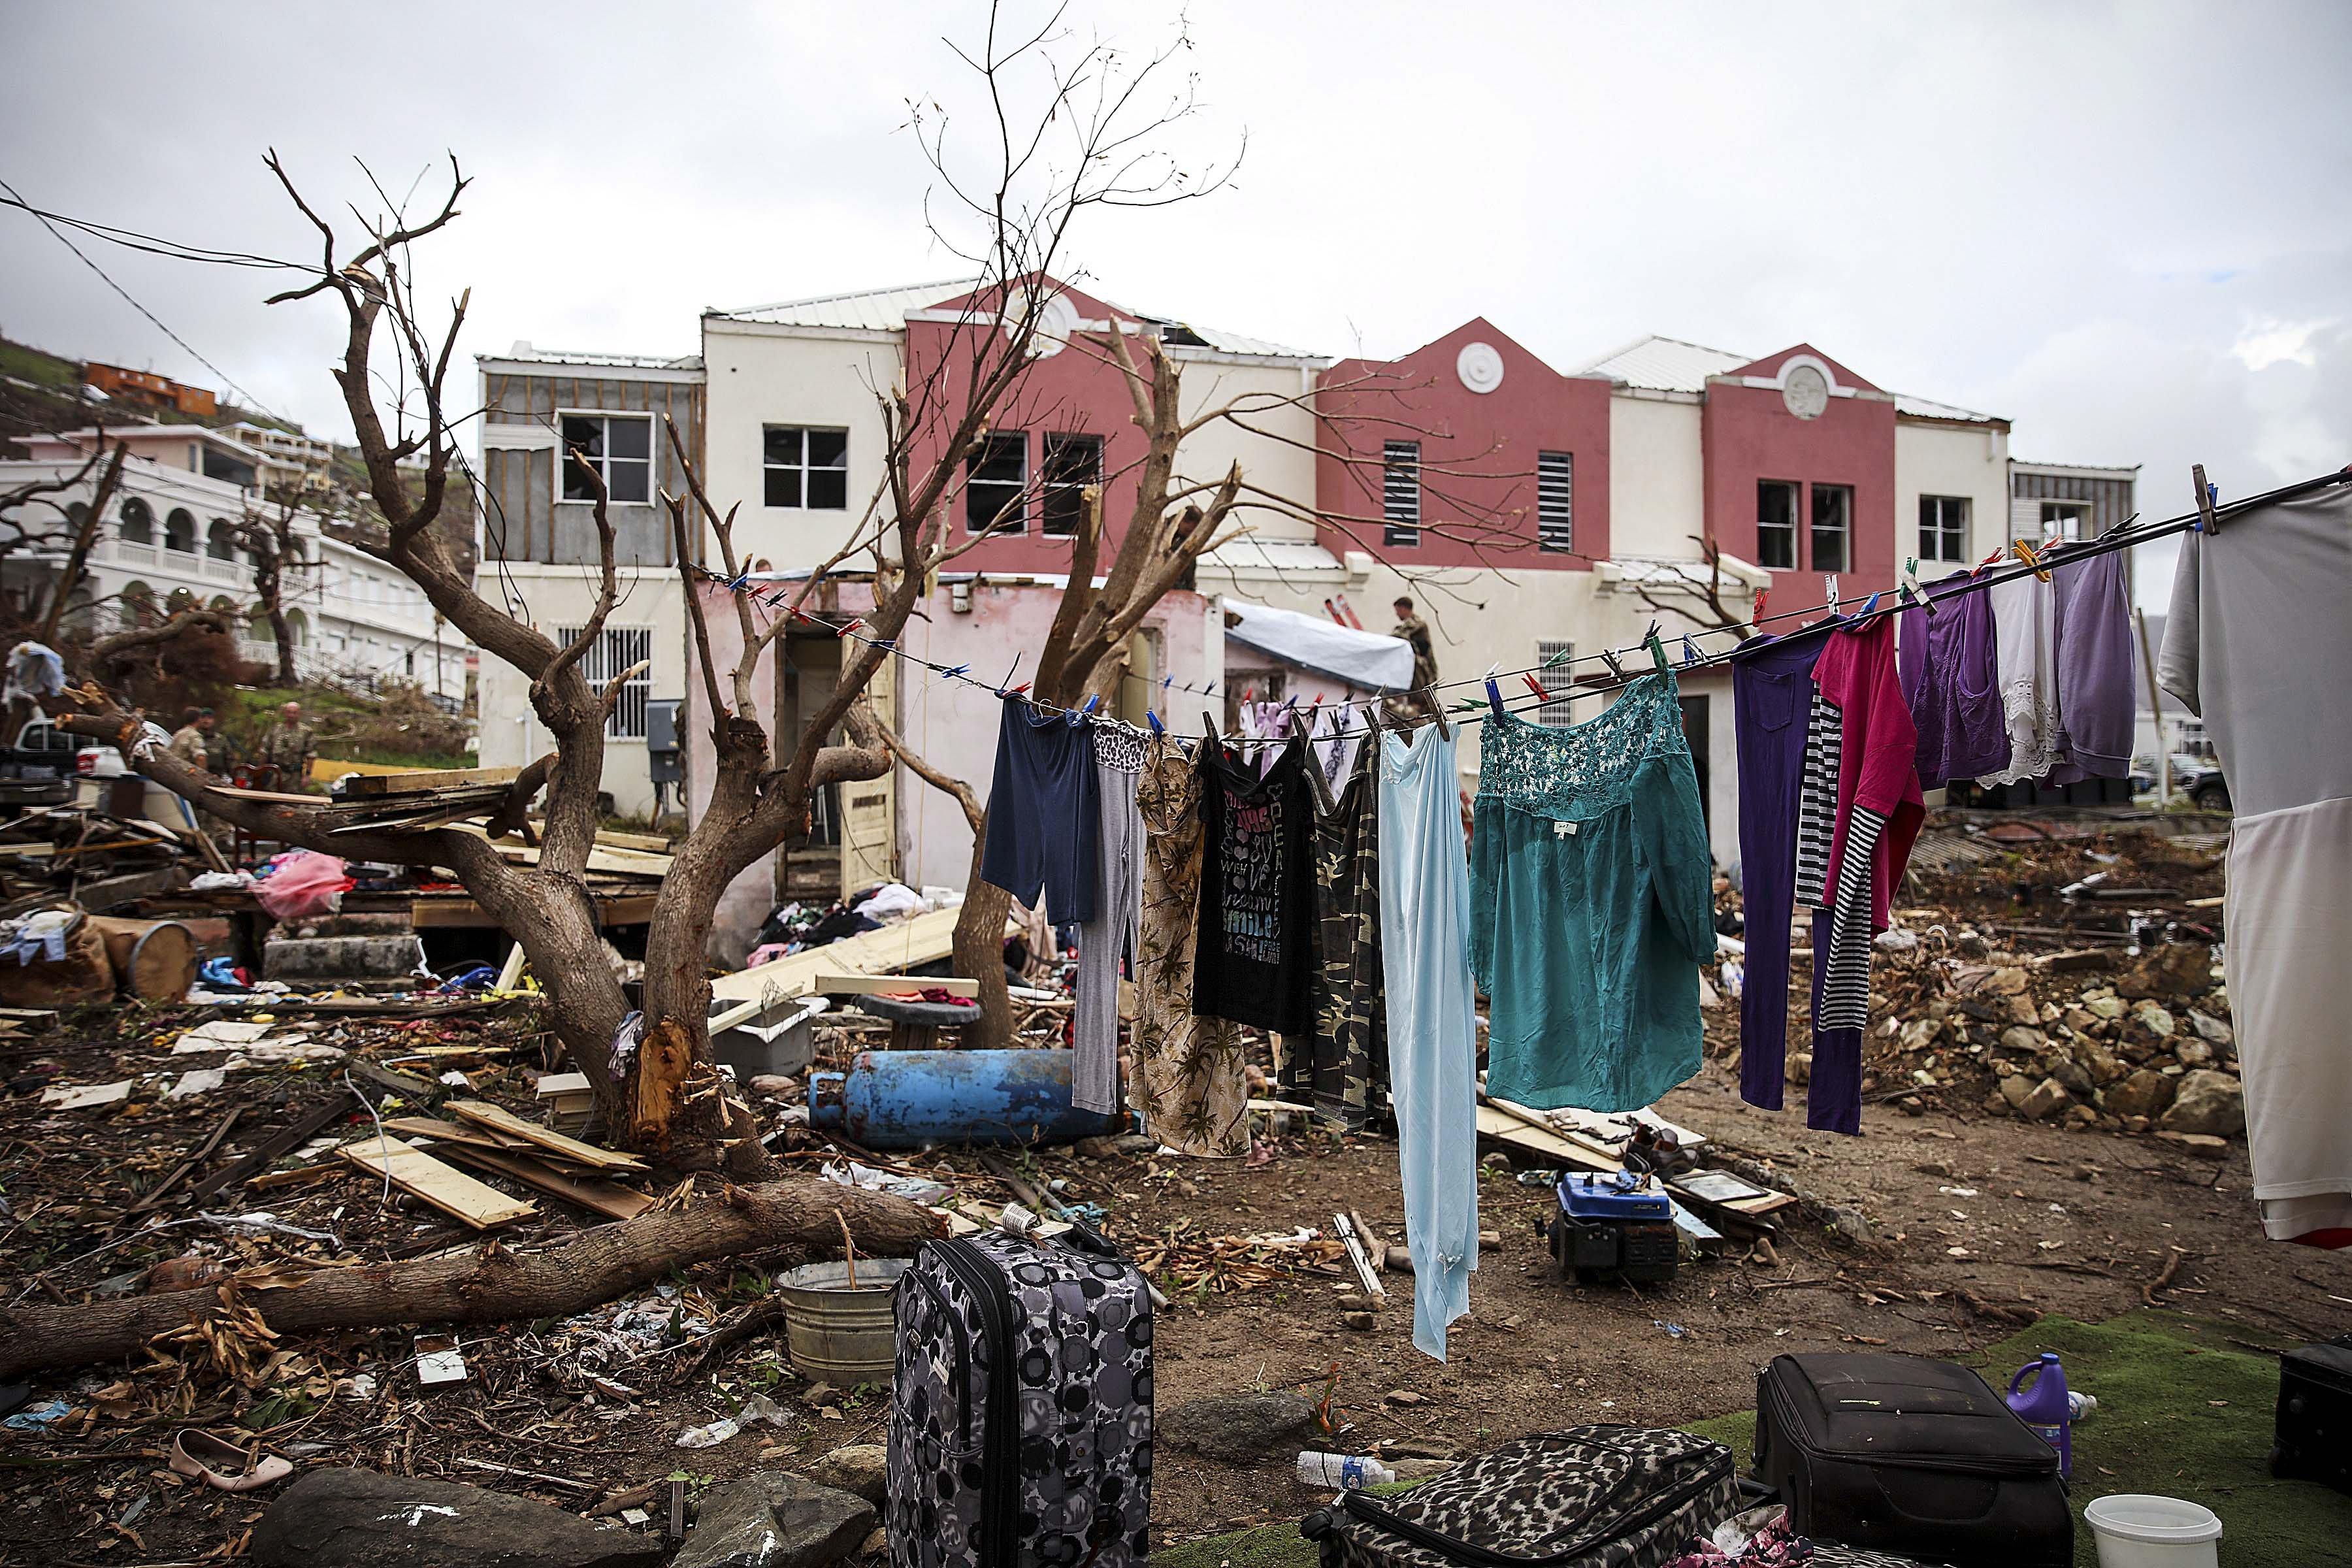 Greus danys a les Illes Verges després del pas de l'huracà Irma. LPHOT JOEL ROUSE/ FOTOGRAFÍA C